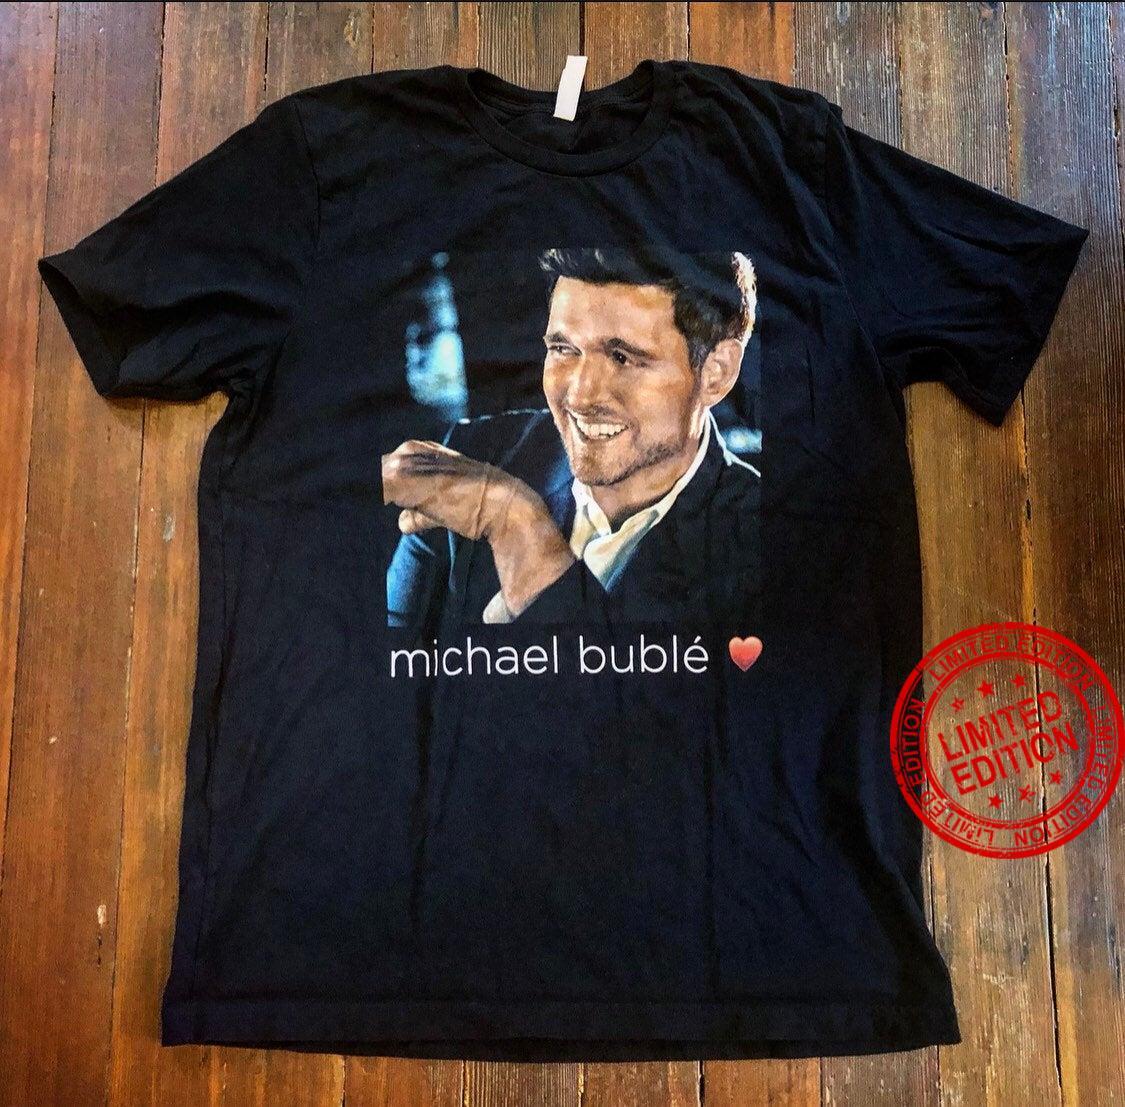 Michael Buble Concert Tour Shirt